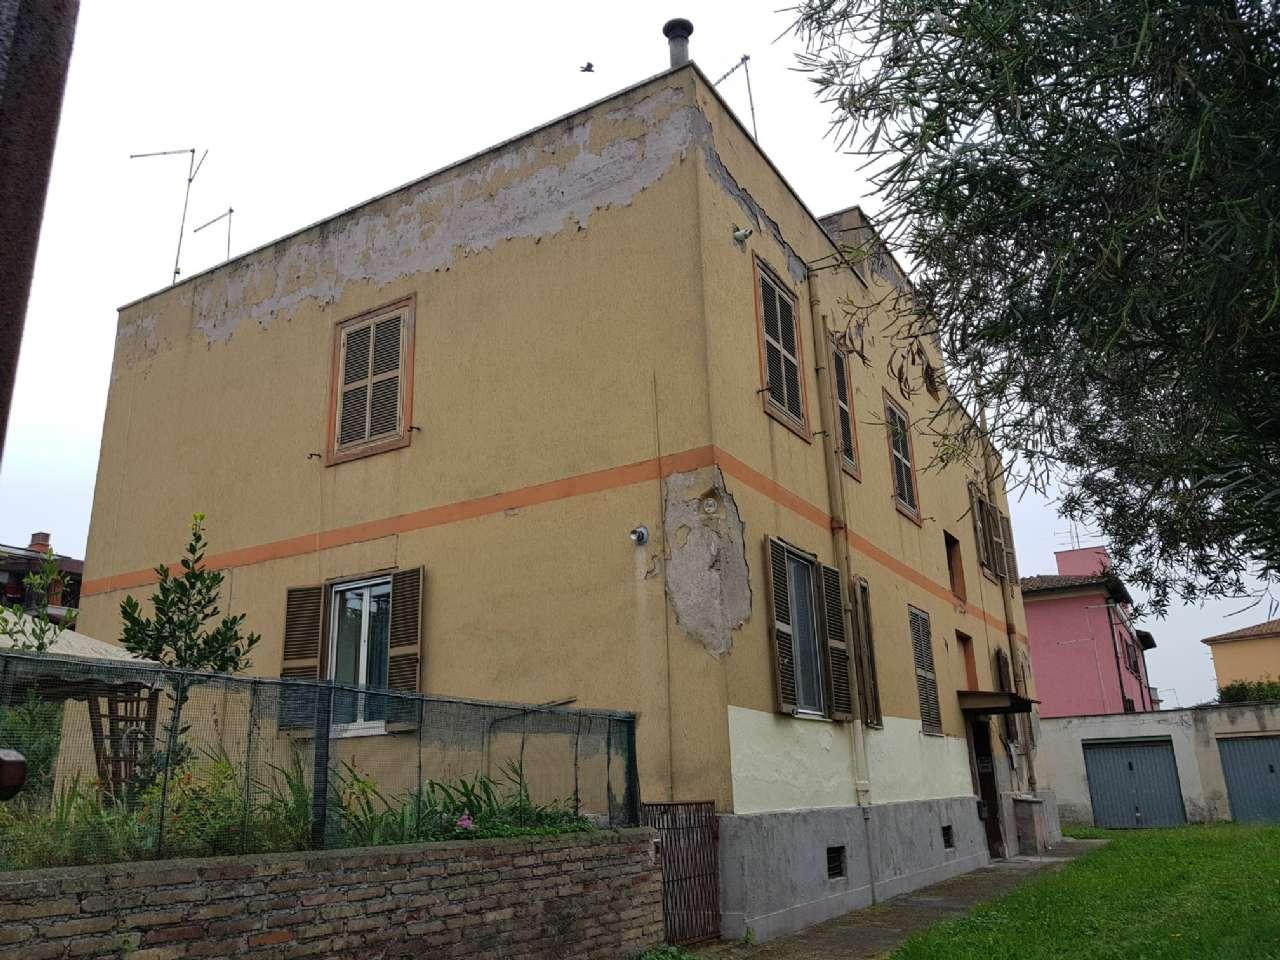 Appartamento in vendita a Roma, 2 locali, zona Zona: 13 . Tuscolano, Appio Claudio, Villa Lais, Quadraro, prezzo € 59.000 | CambioCasa.it